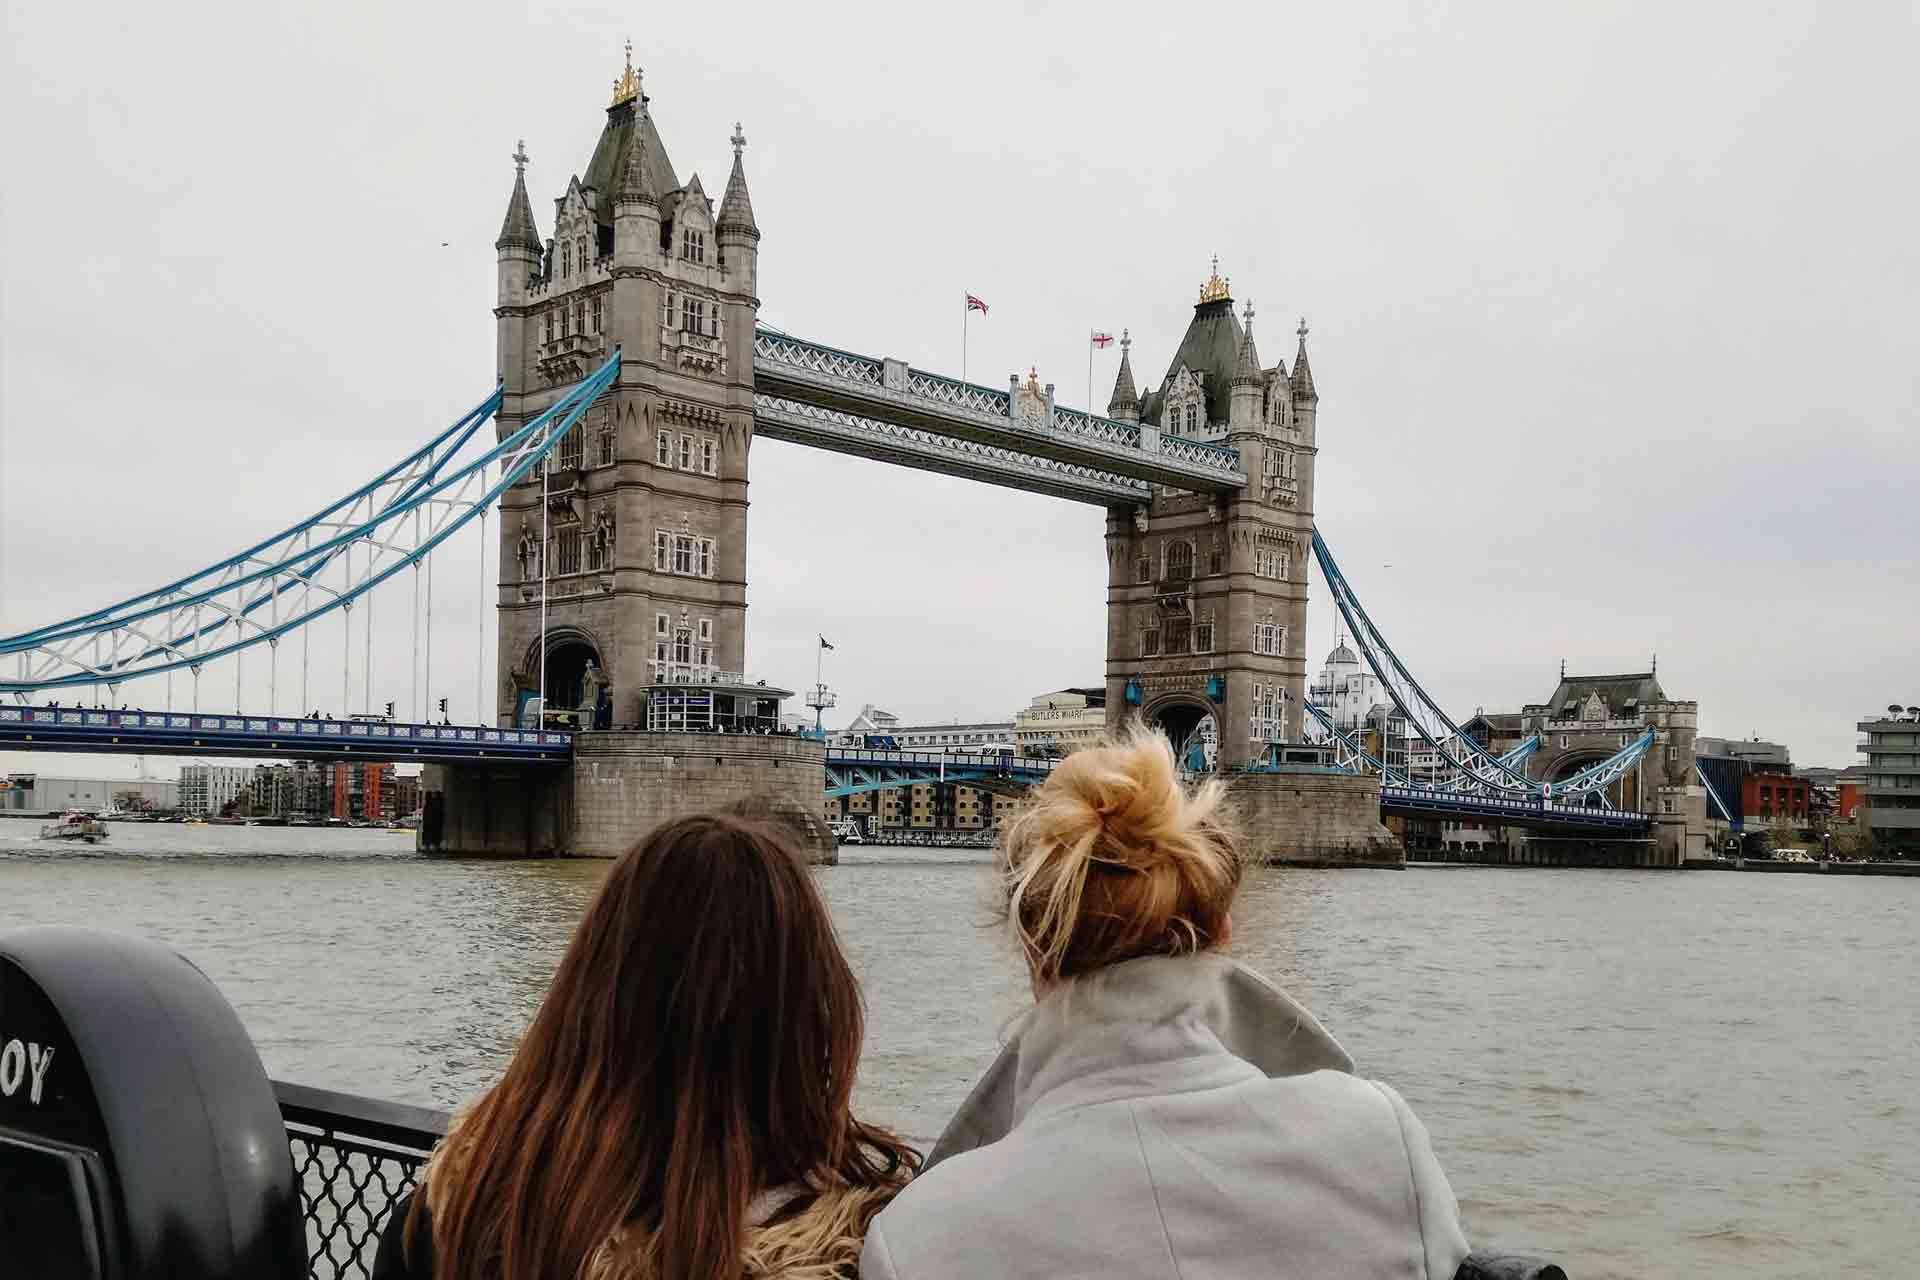 2019 04 09 Londonfahrt 4